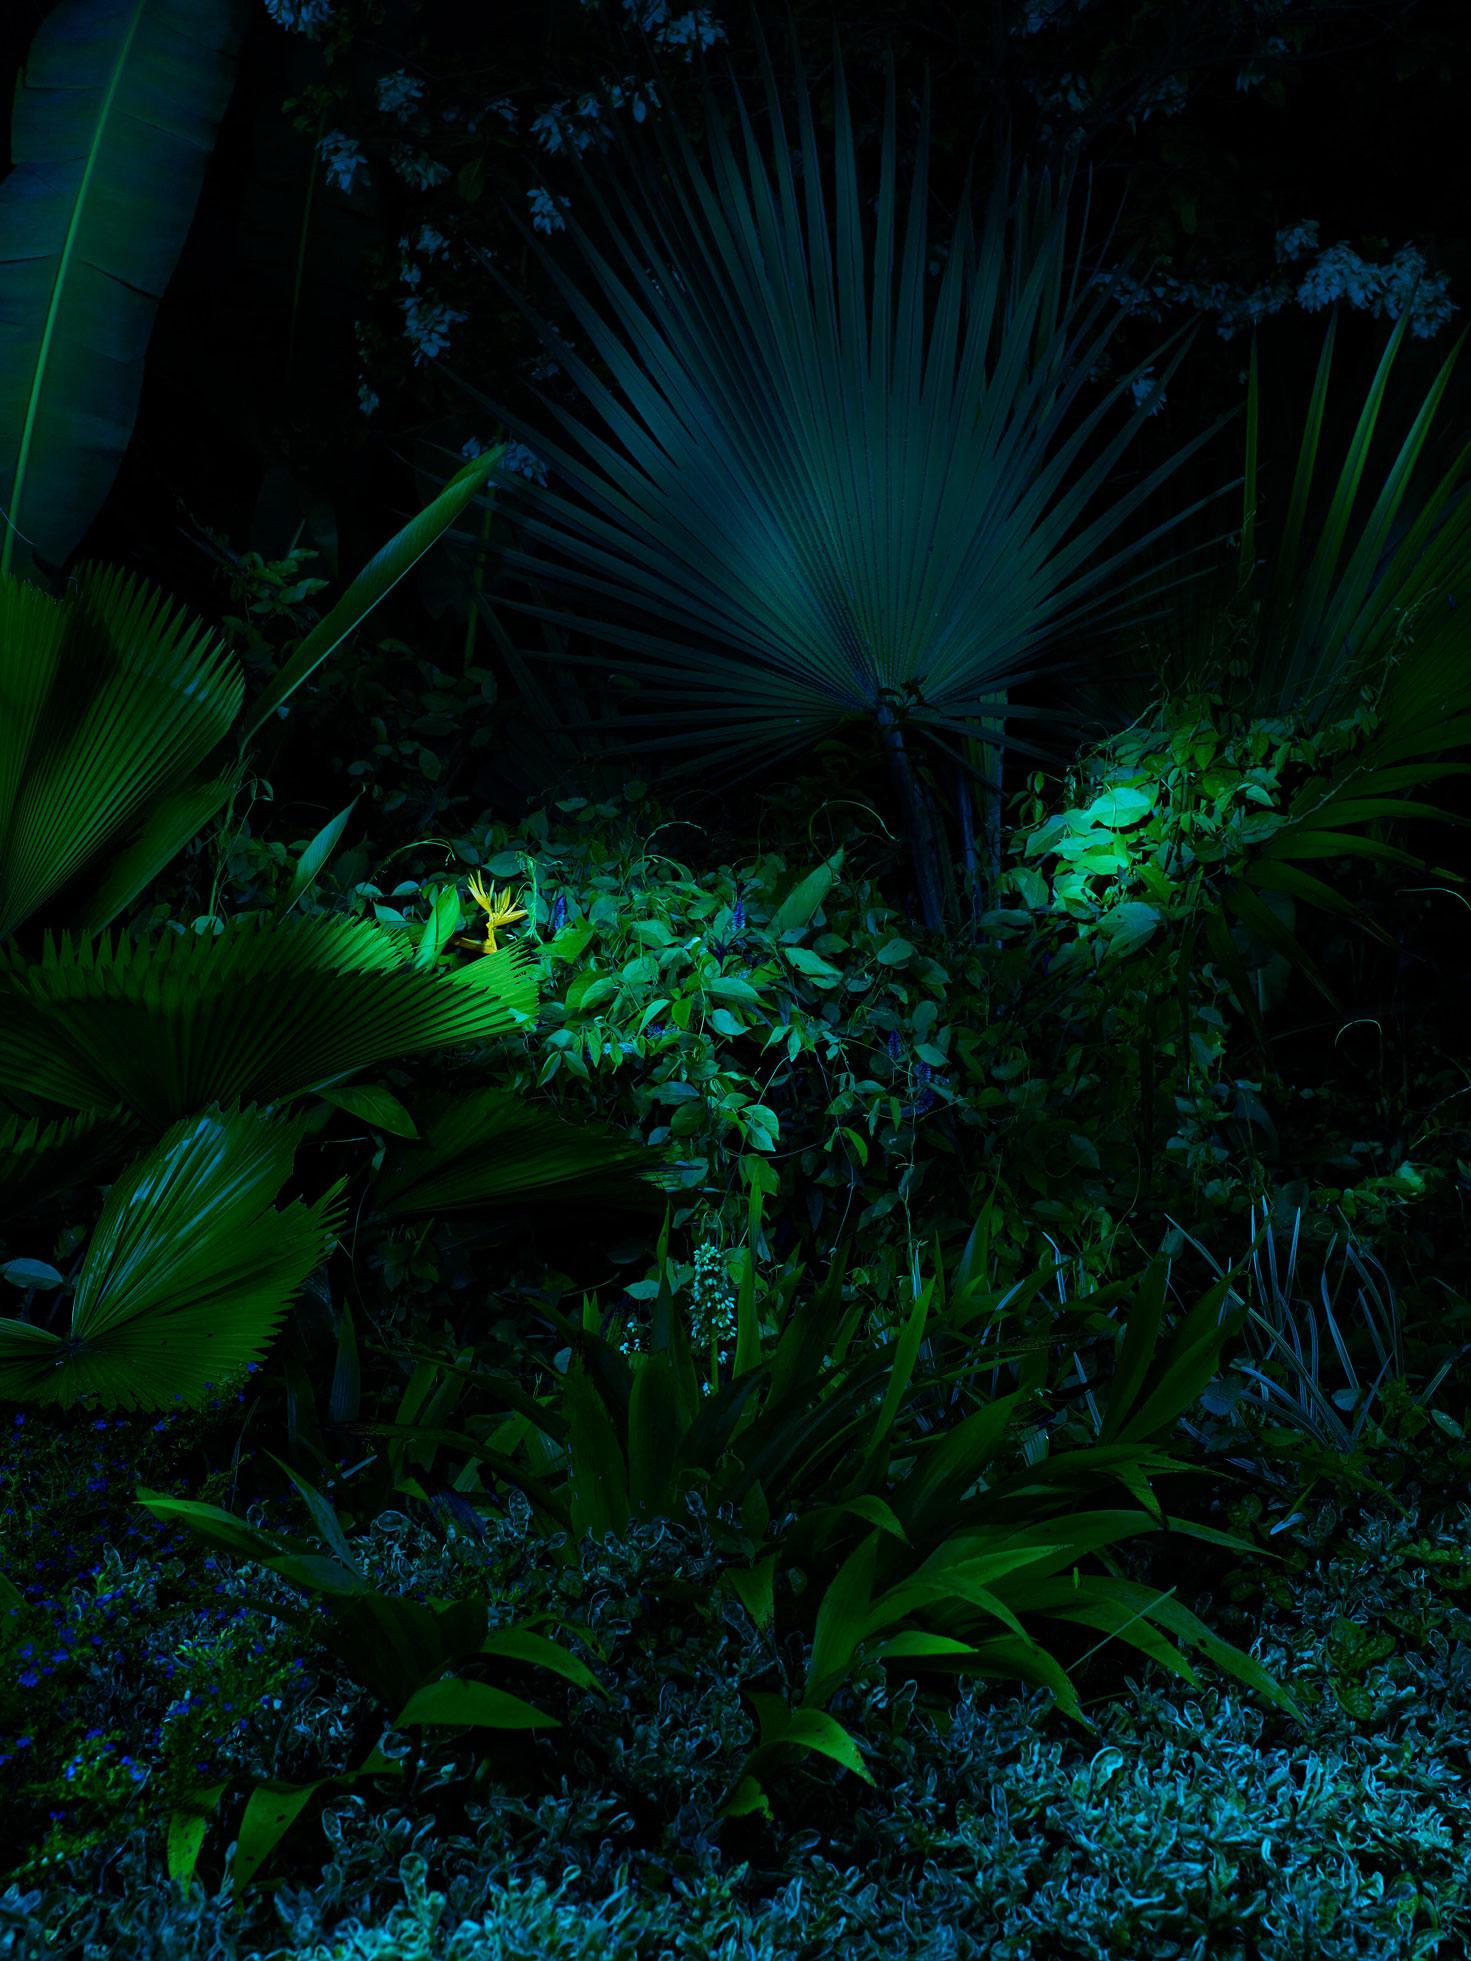 Jungle Plants by Geert de Taeye